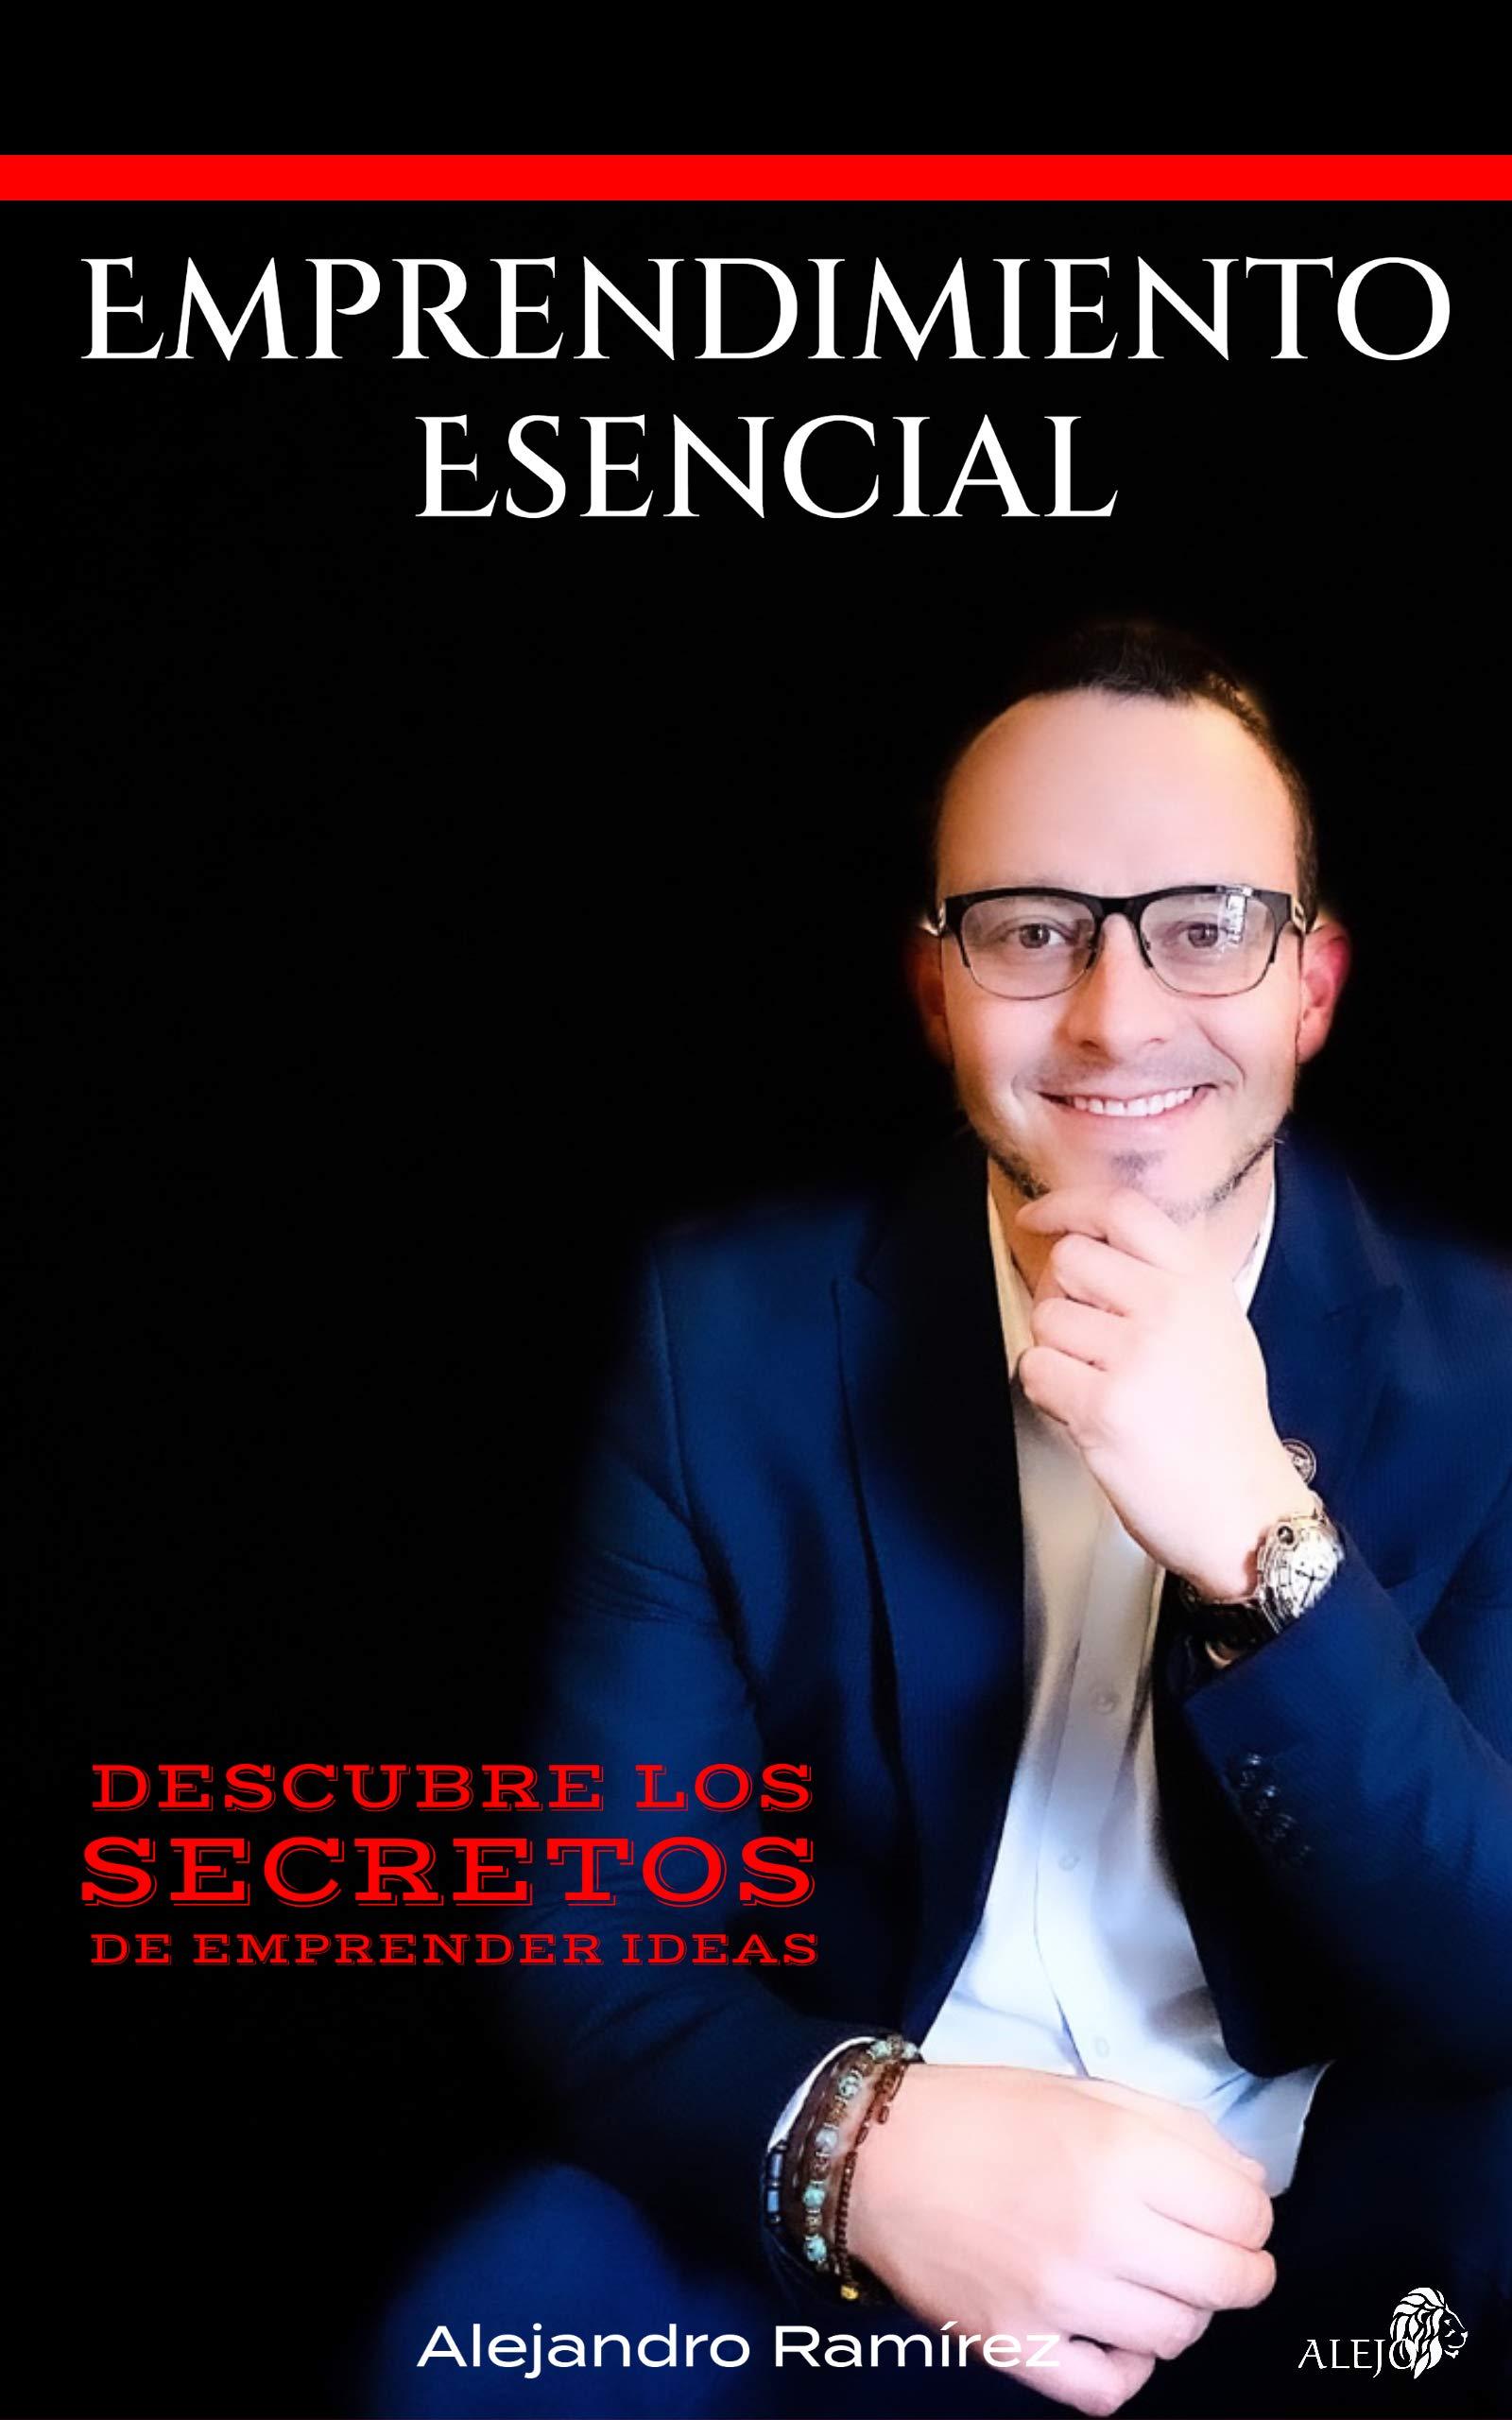 Emprendimiento Esencial: Descubre los secretos de emprender ideas (Spanish Edition)